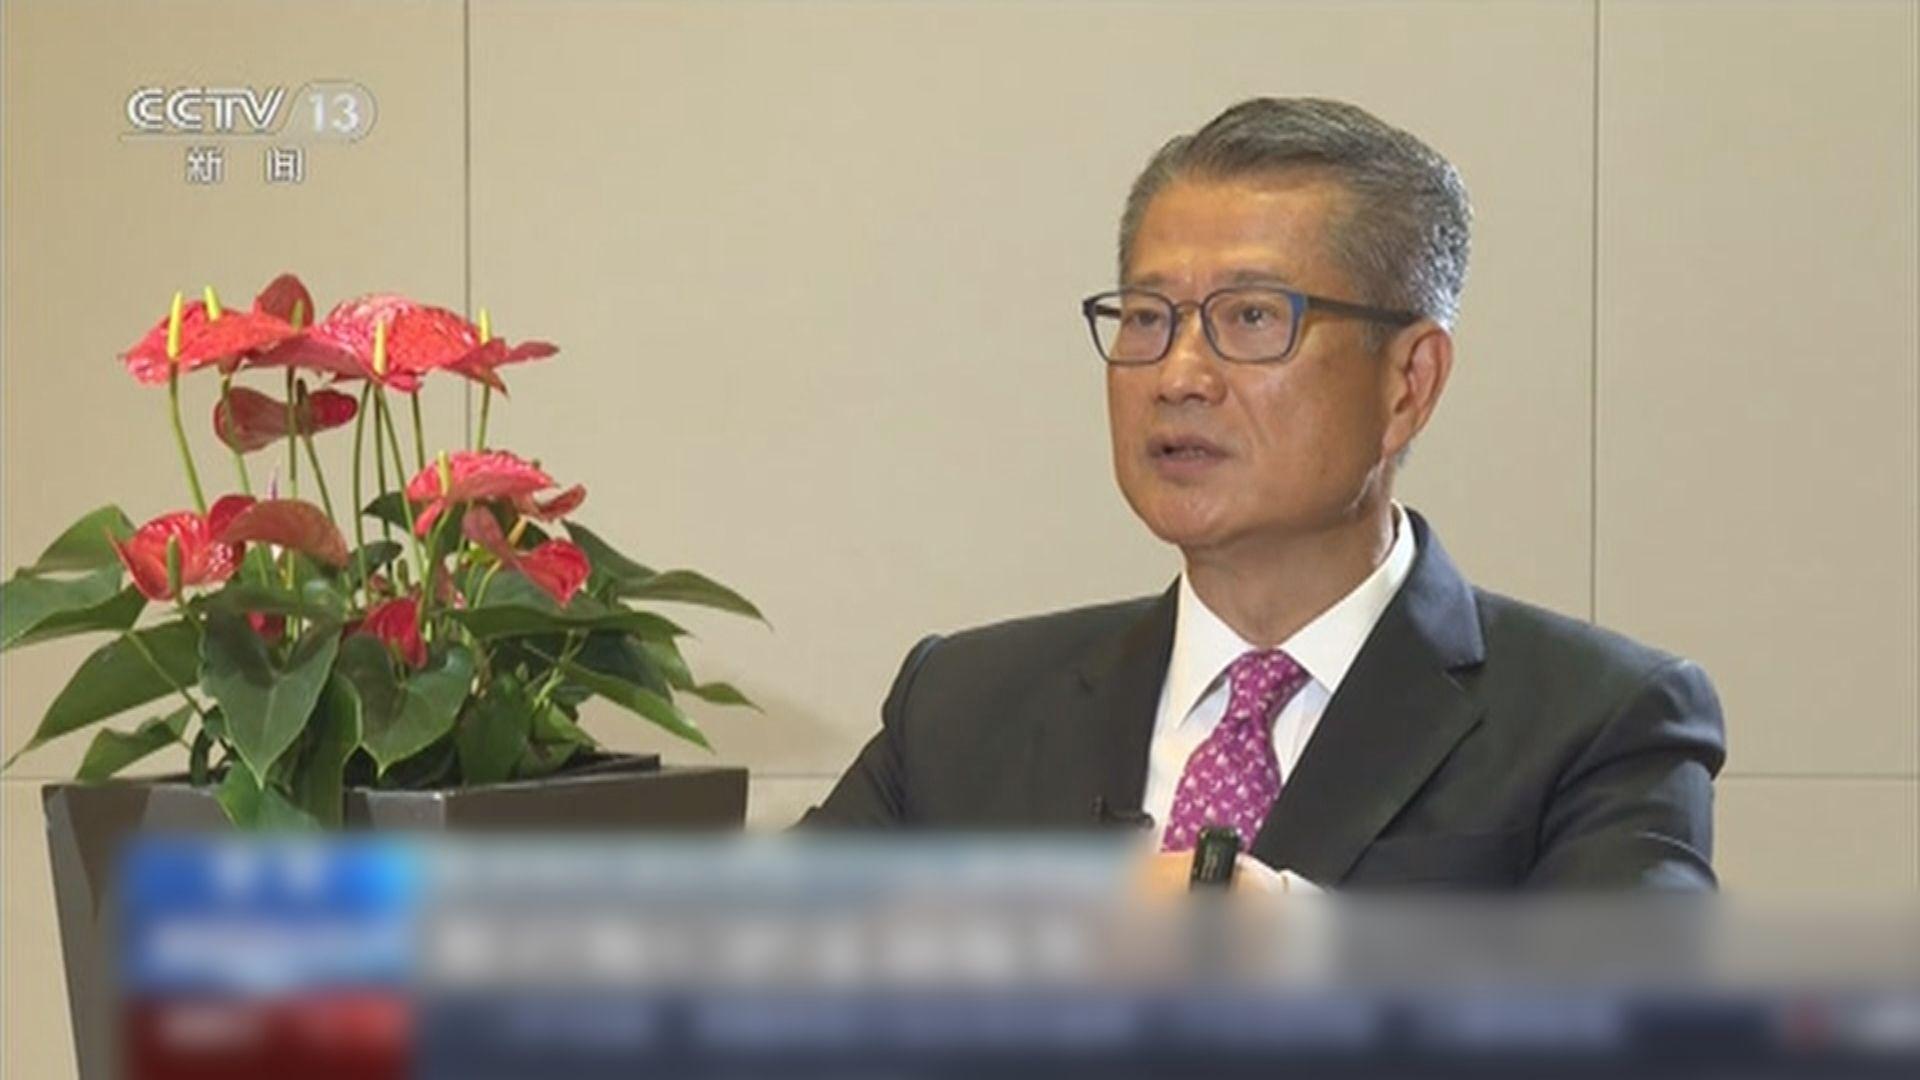 陳茂波:香港要抓緊機遇 創造更廣闊發展空間